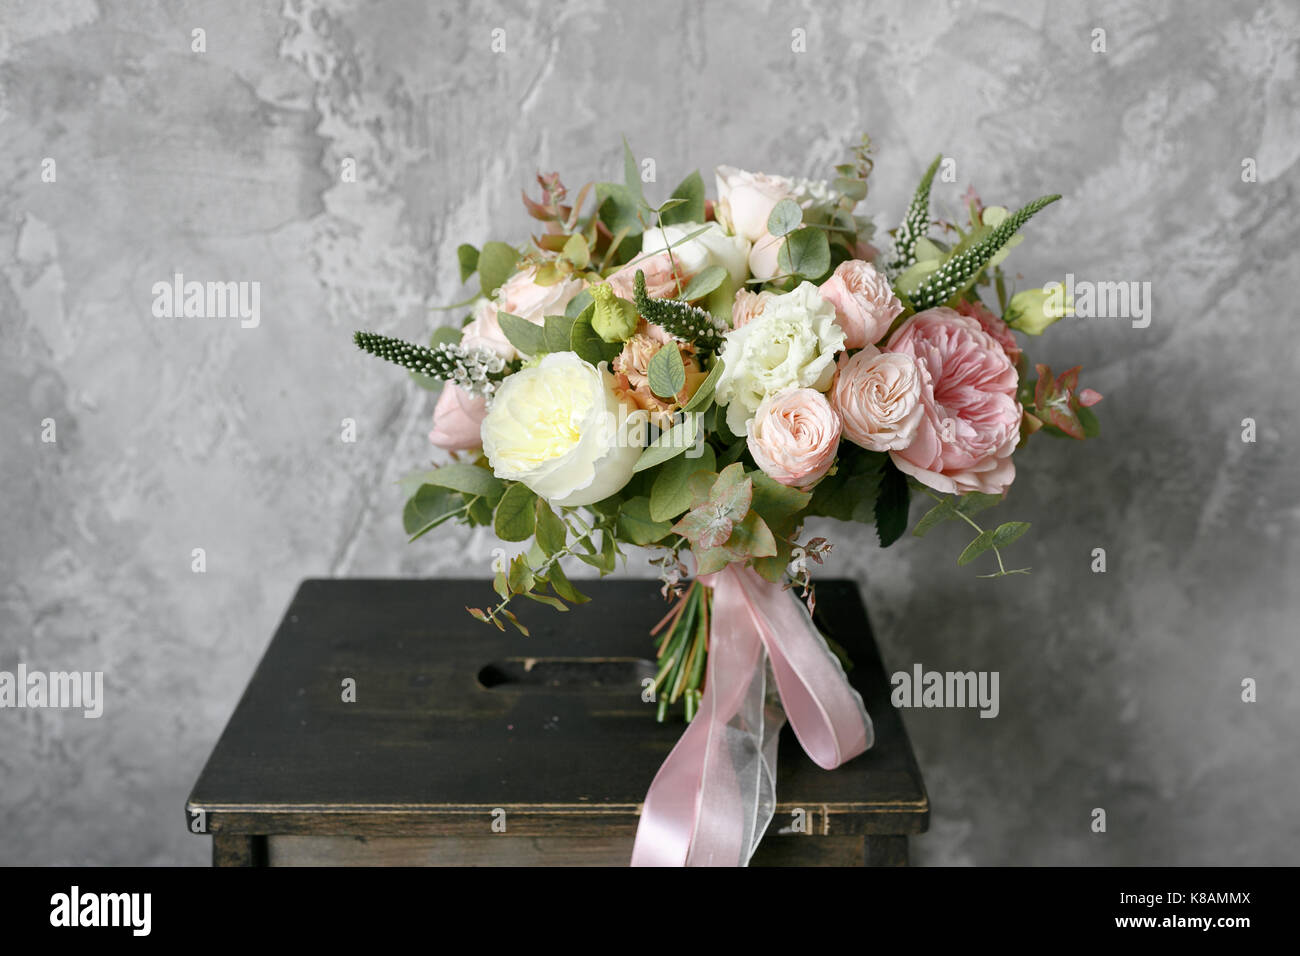 Feder Blumenstrauss Aus Gemischten Blumen Auf Vintage Graue Wand